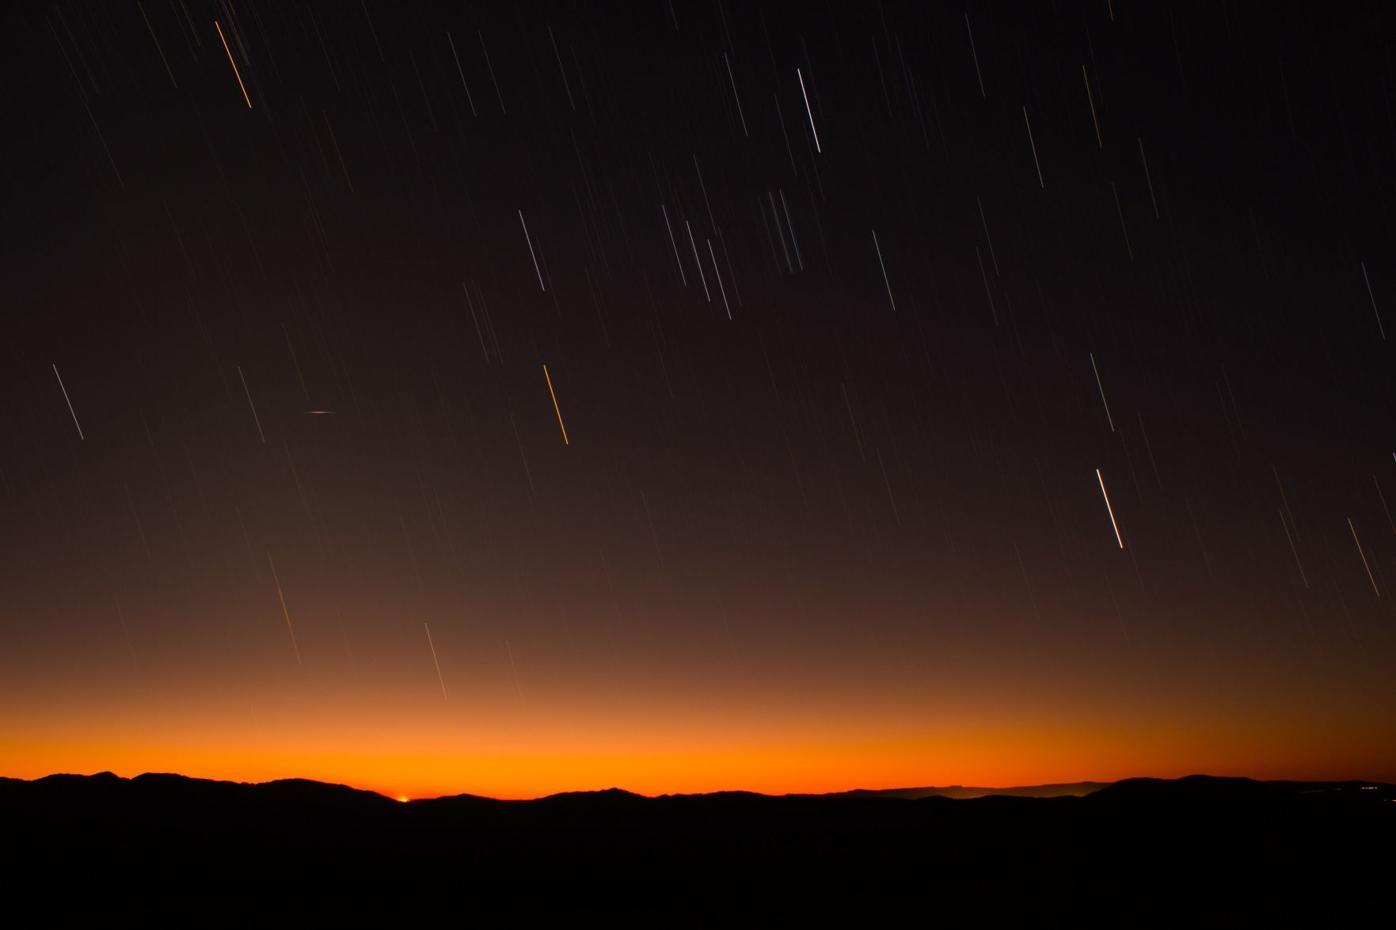 Meteor shower unsplash